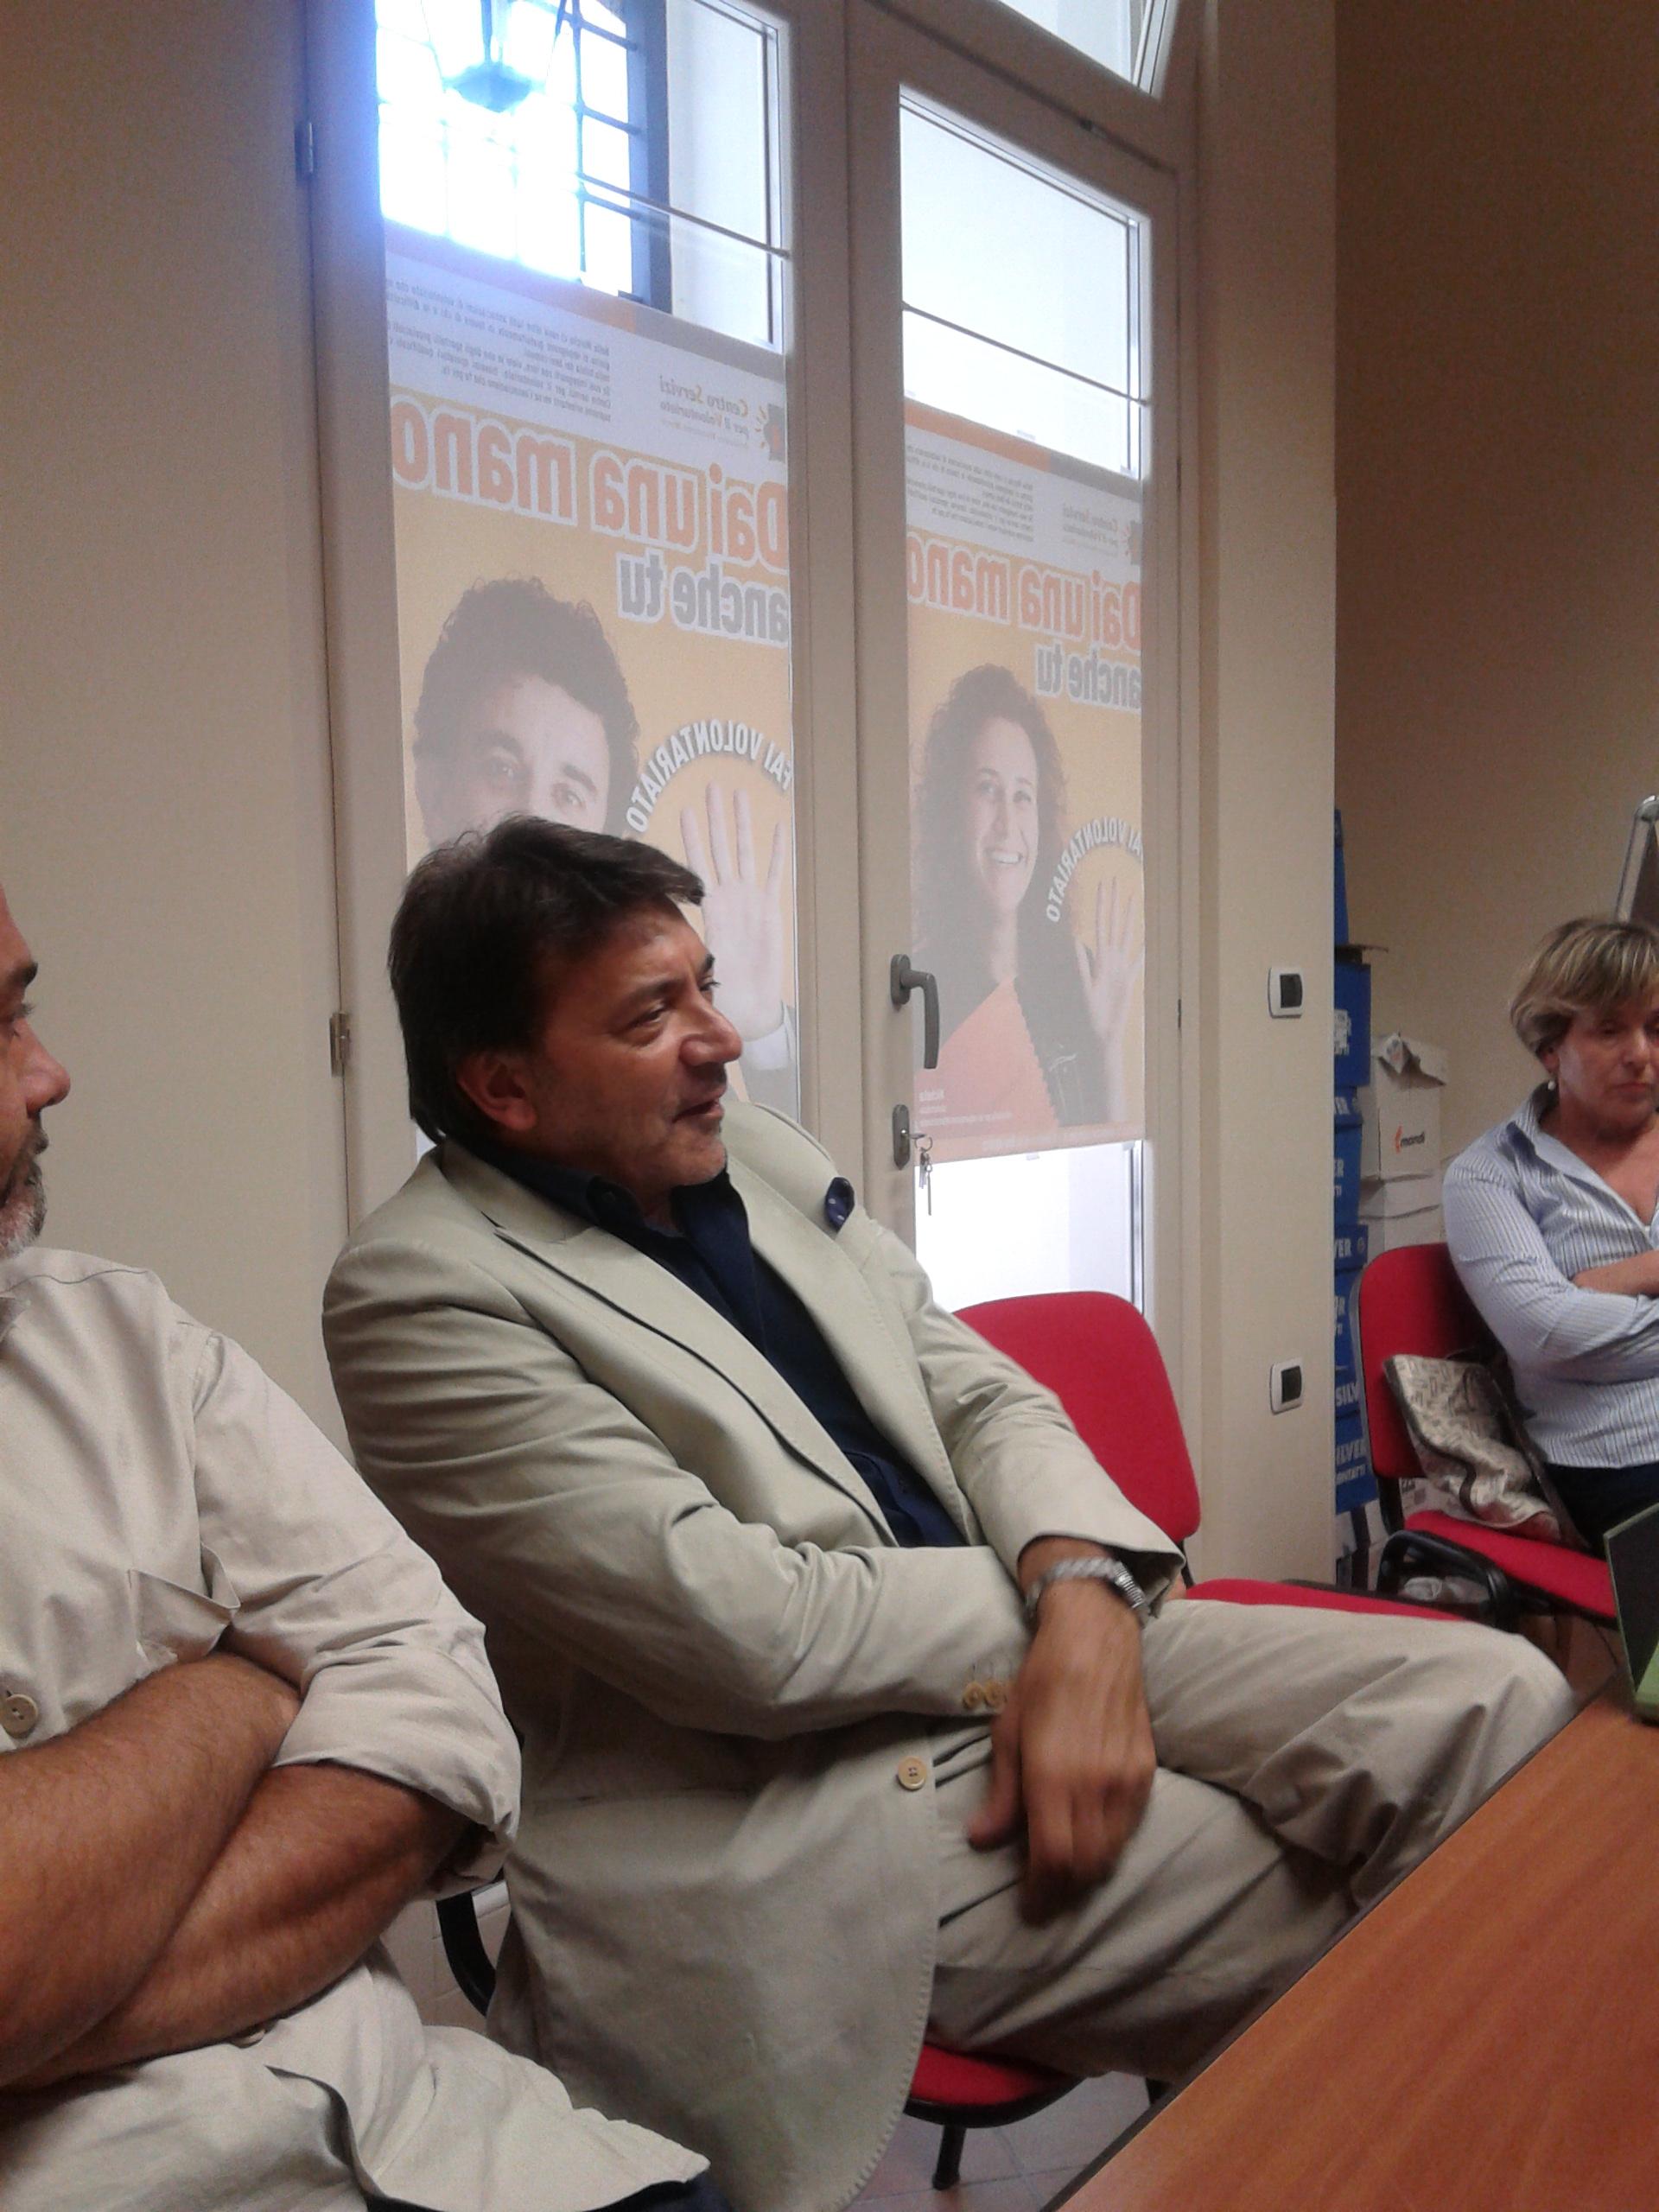 Incontri Sesso Con Donne Mature Bachecaincontri Catania